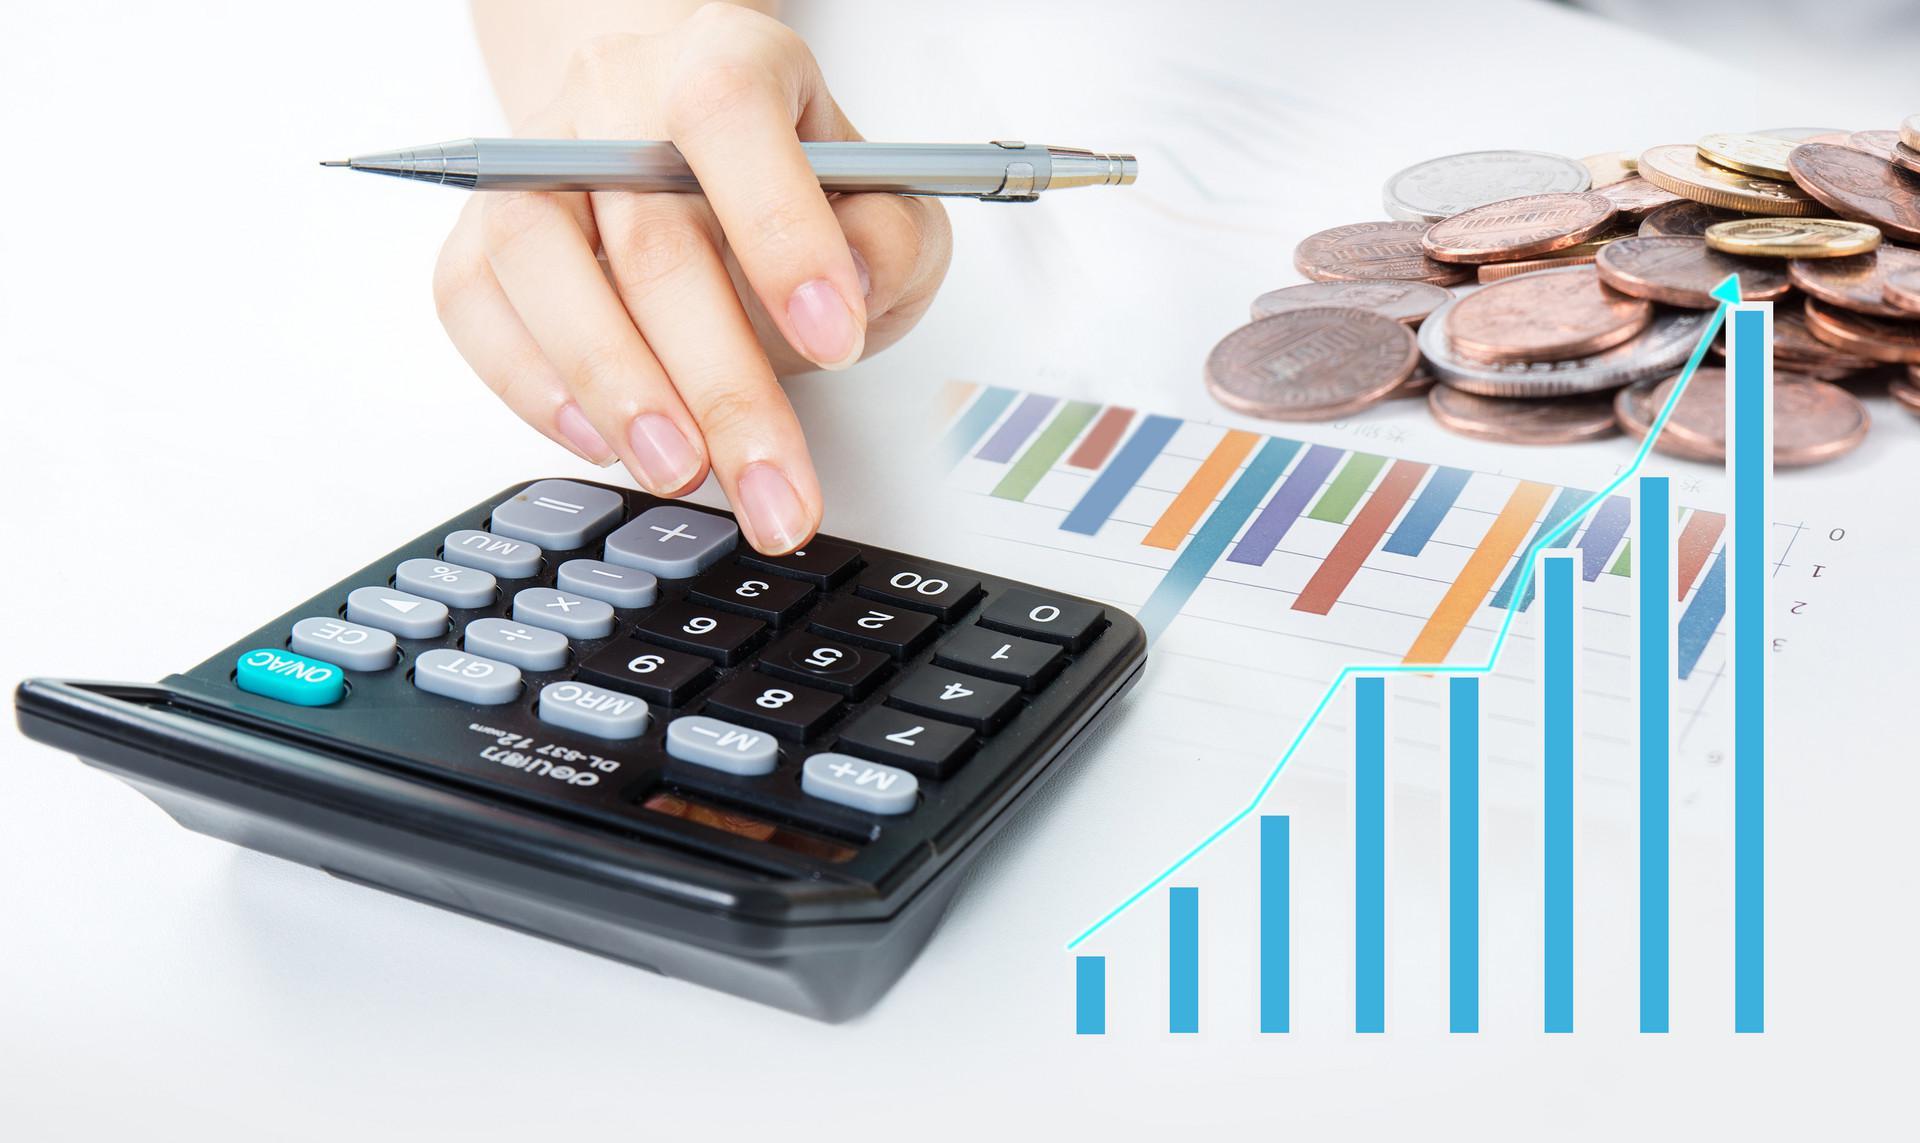 央行:转变贷款定价惯性思维 促进实际贷款利率下行